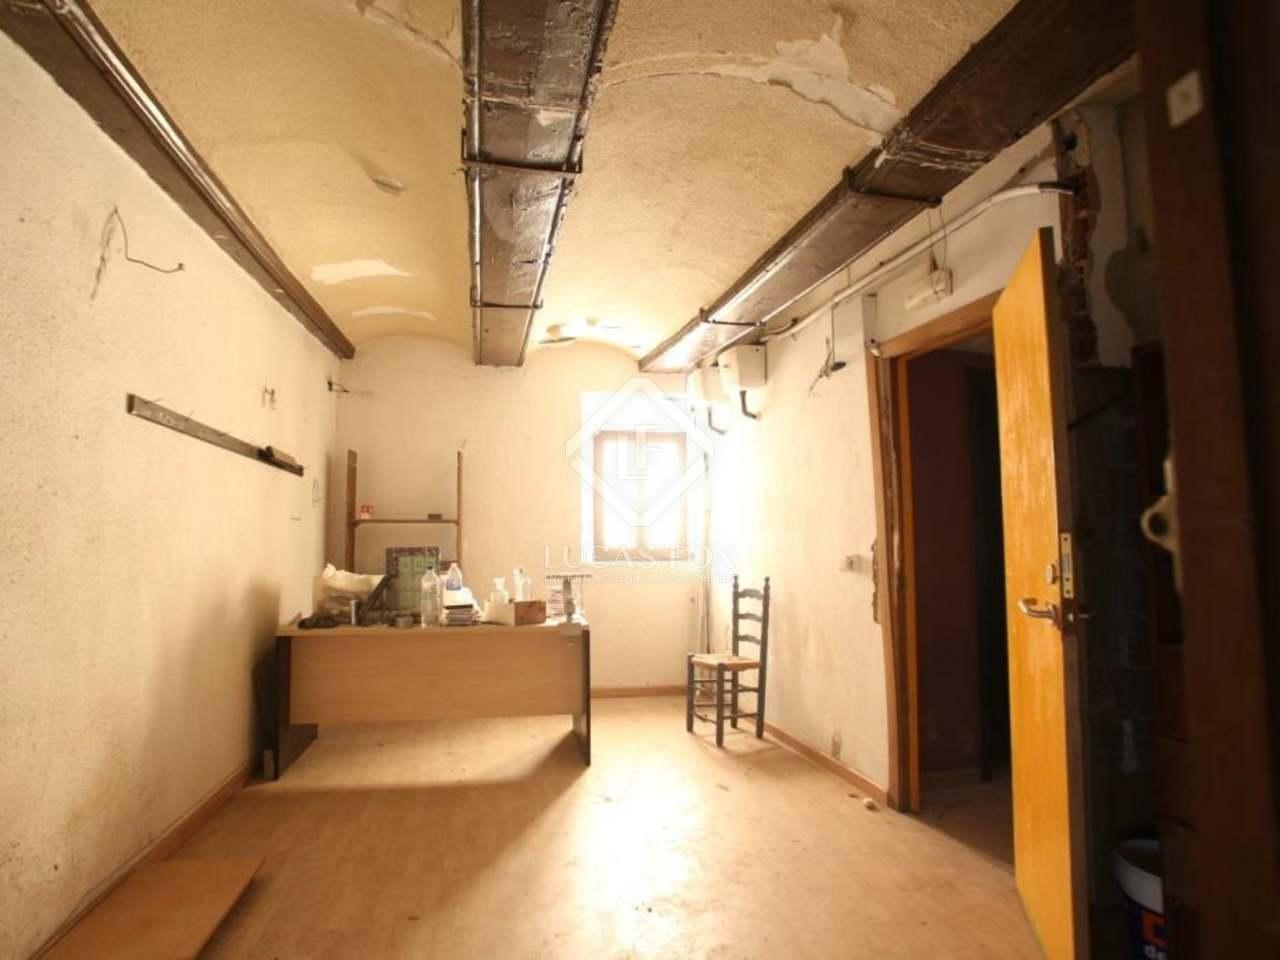 Edificio hist rico en venta en la ciudad vella de valencia for Oficinas prop valencia